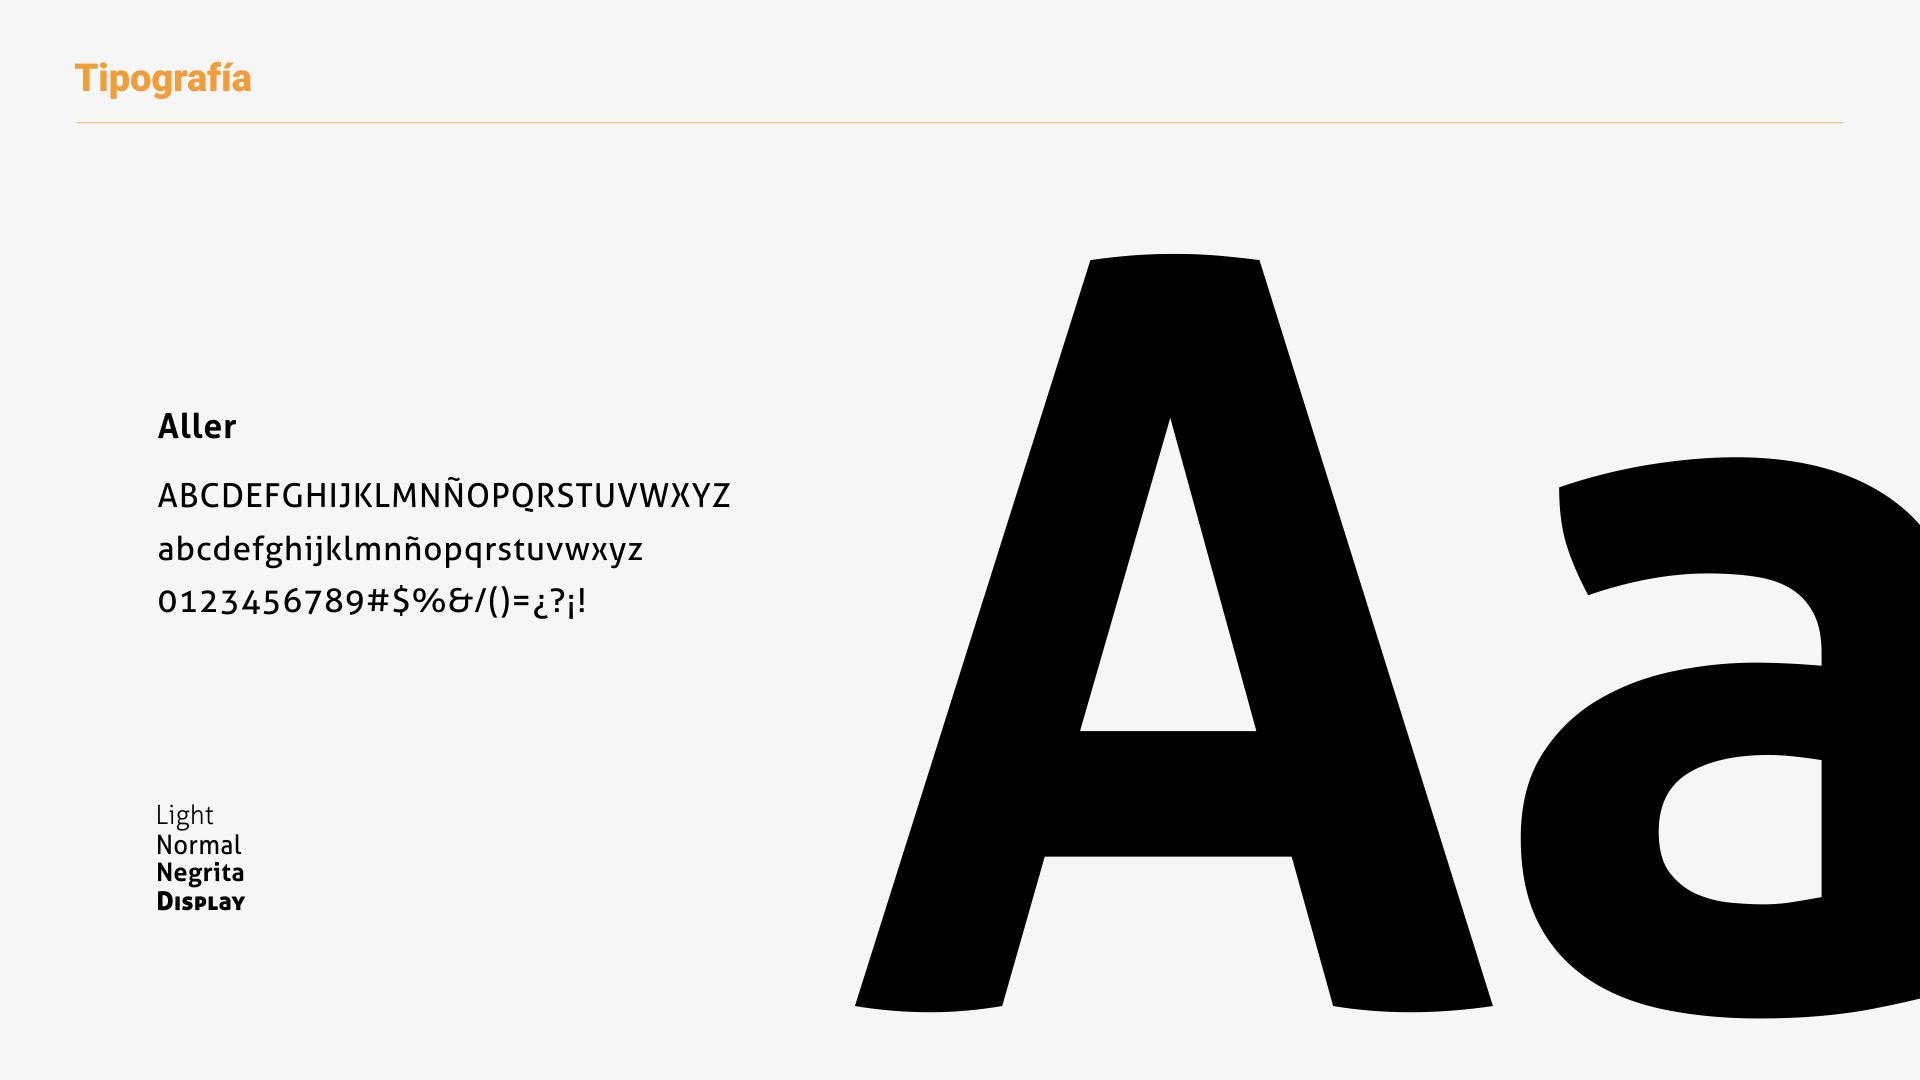 Desarrollo de marca para Ditec - familia tipográfica